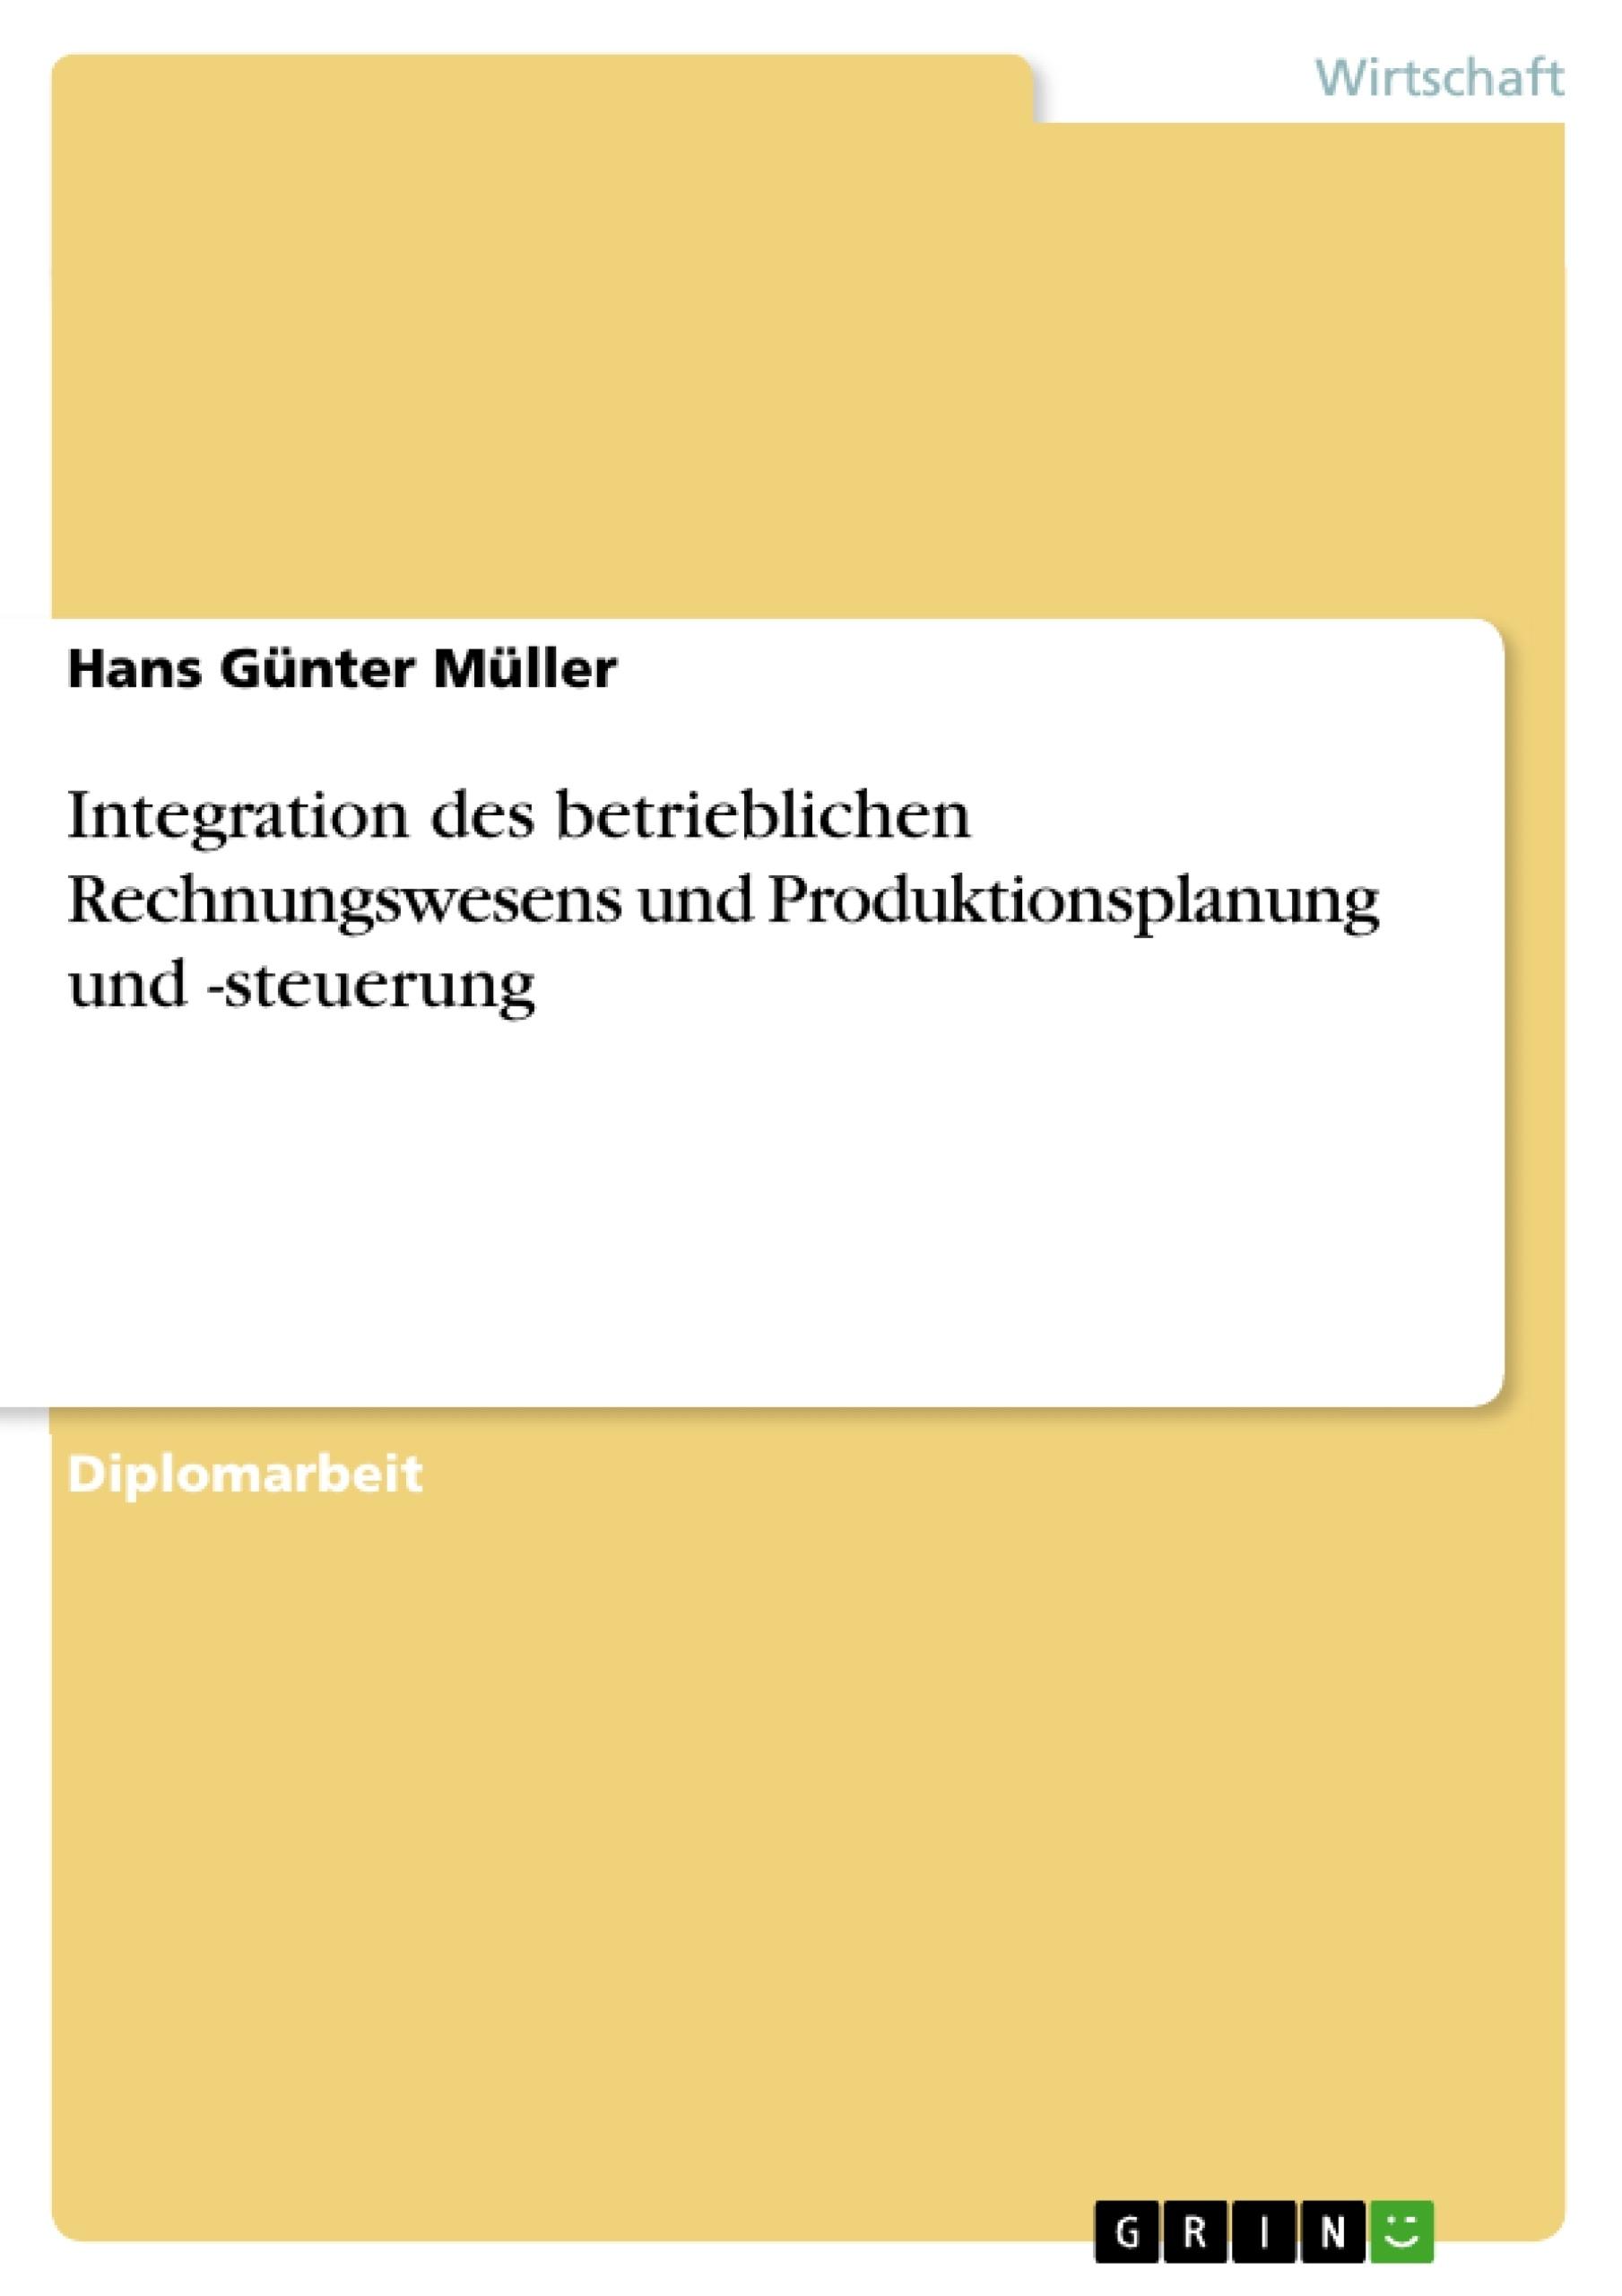 Titel: Integration des betrieblichen Rechnungswesens und Produktionsplanung und -steuerung